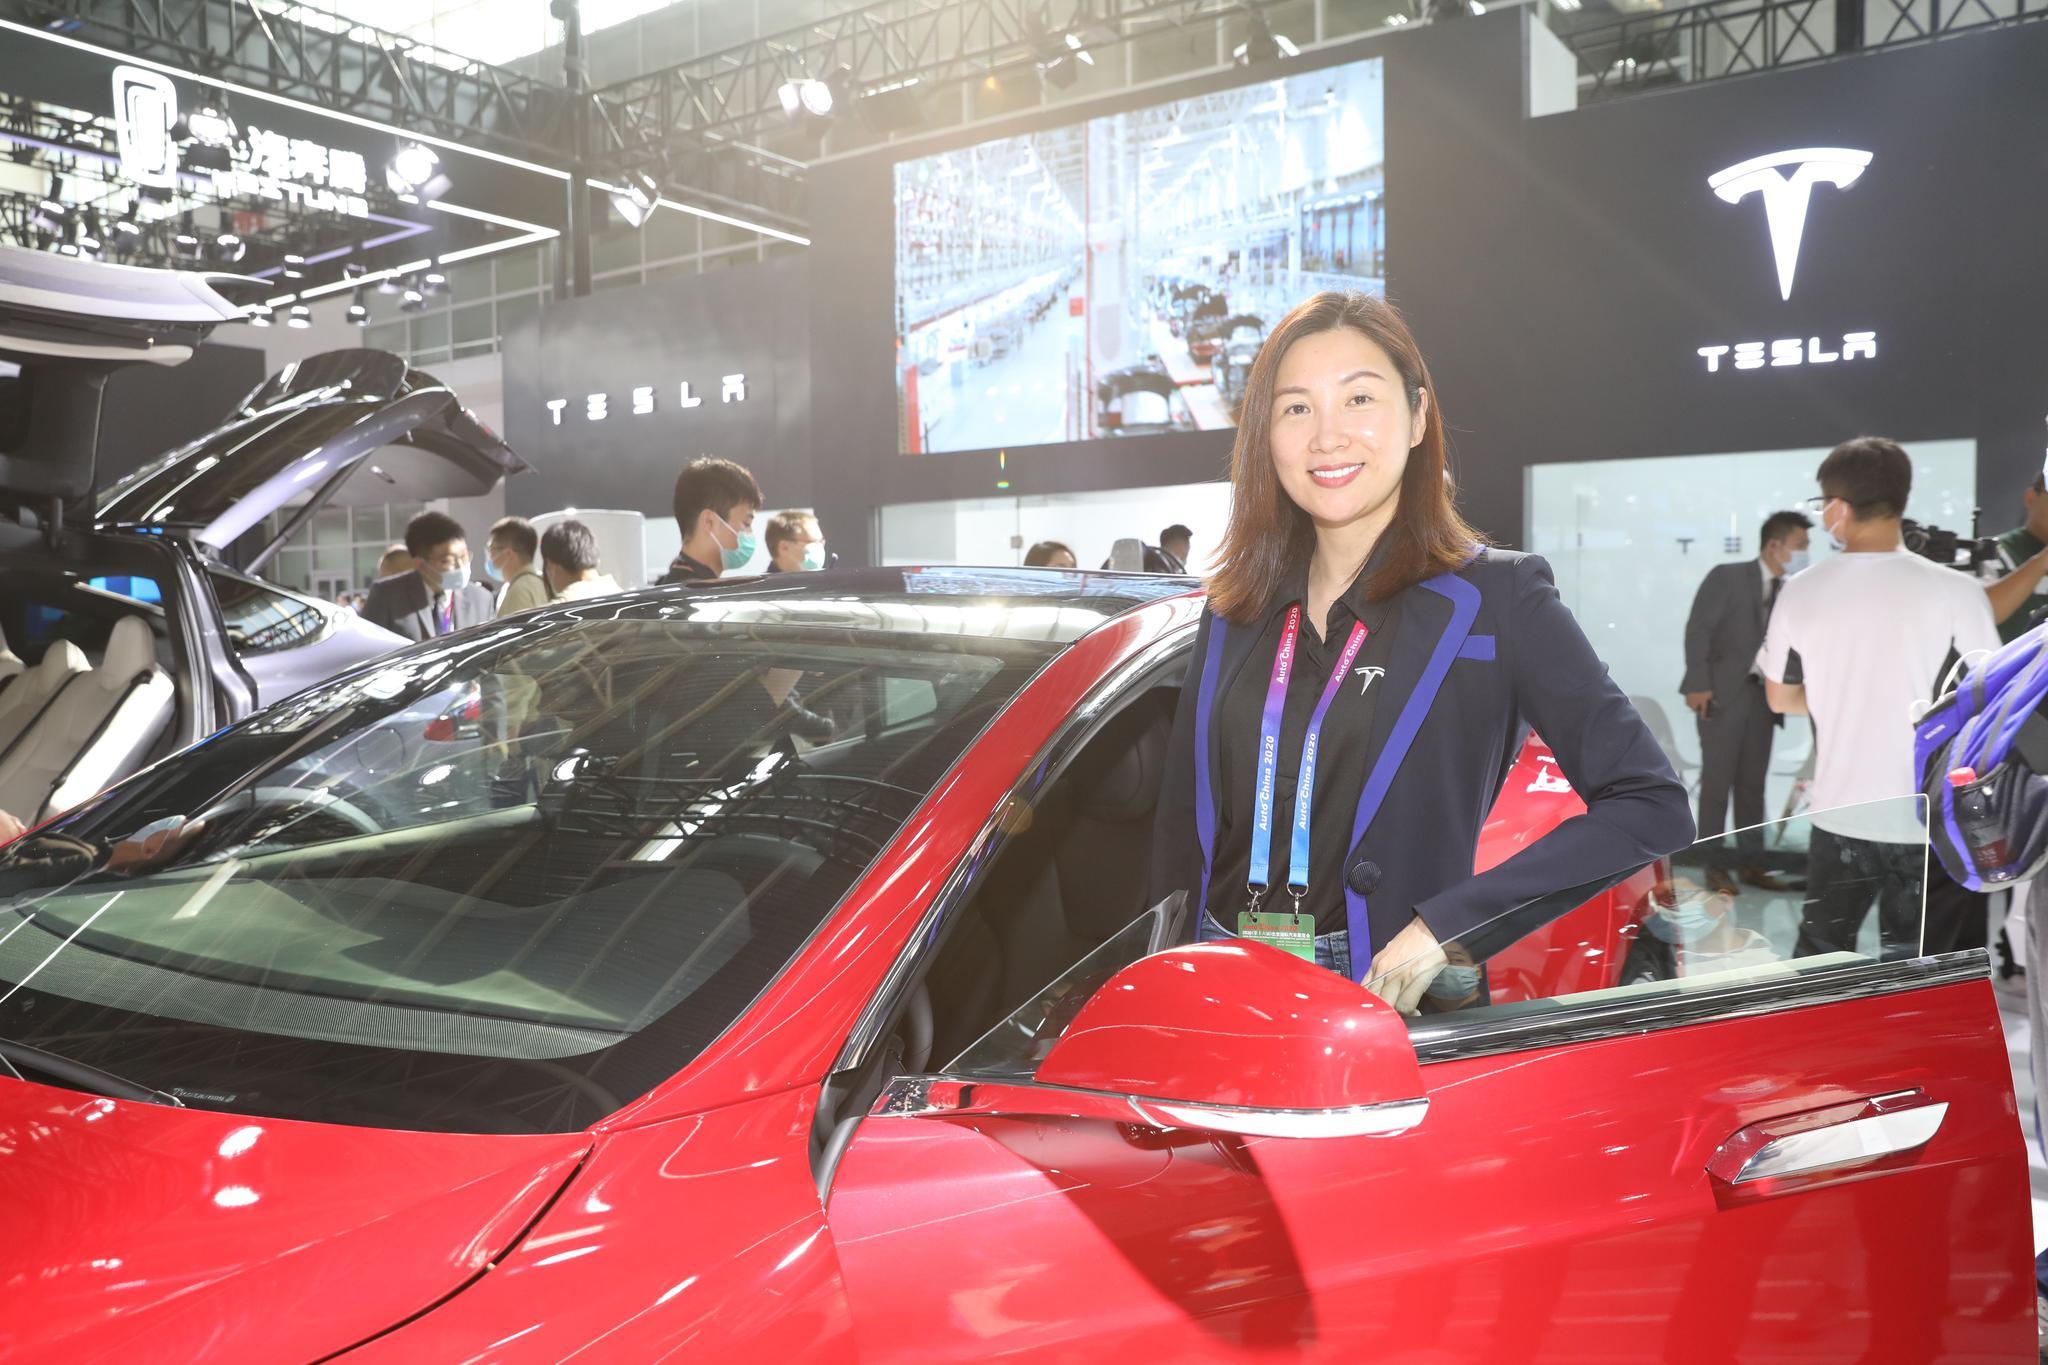 对话②|专访特斯拉副总裁陶琳:纯电动和智能化是车展的趋势图片